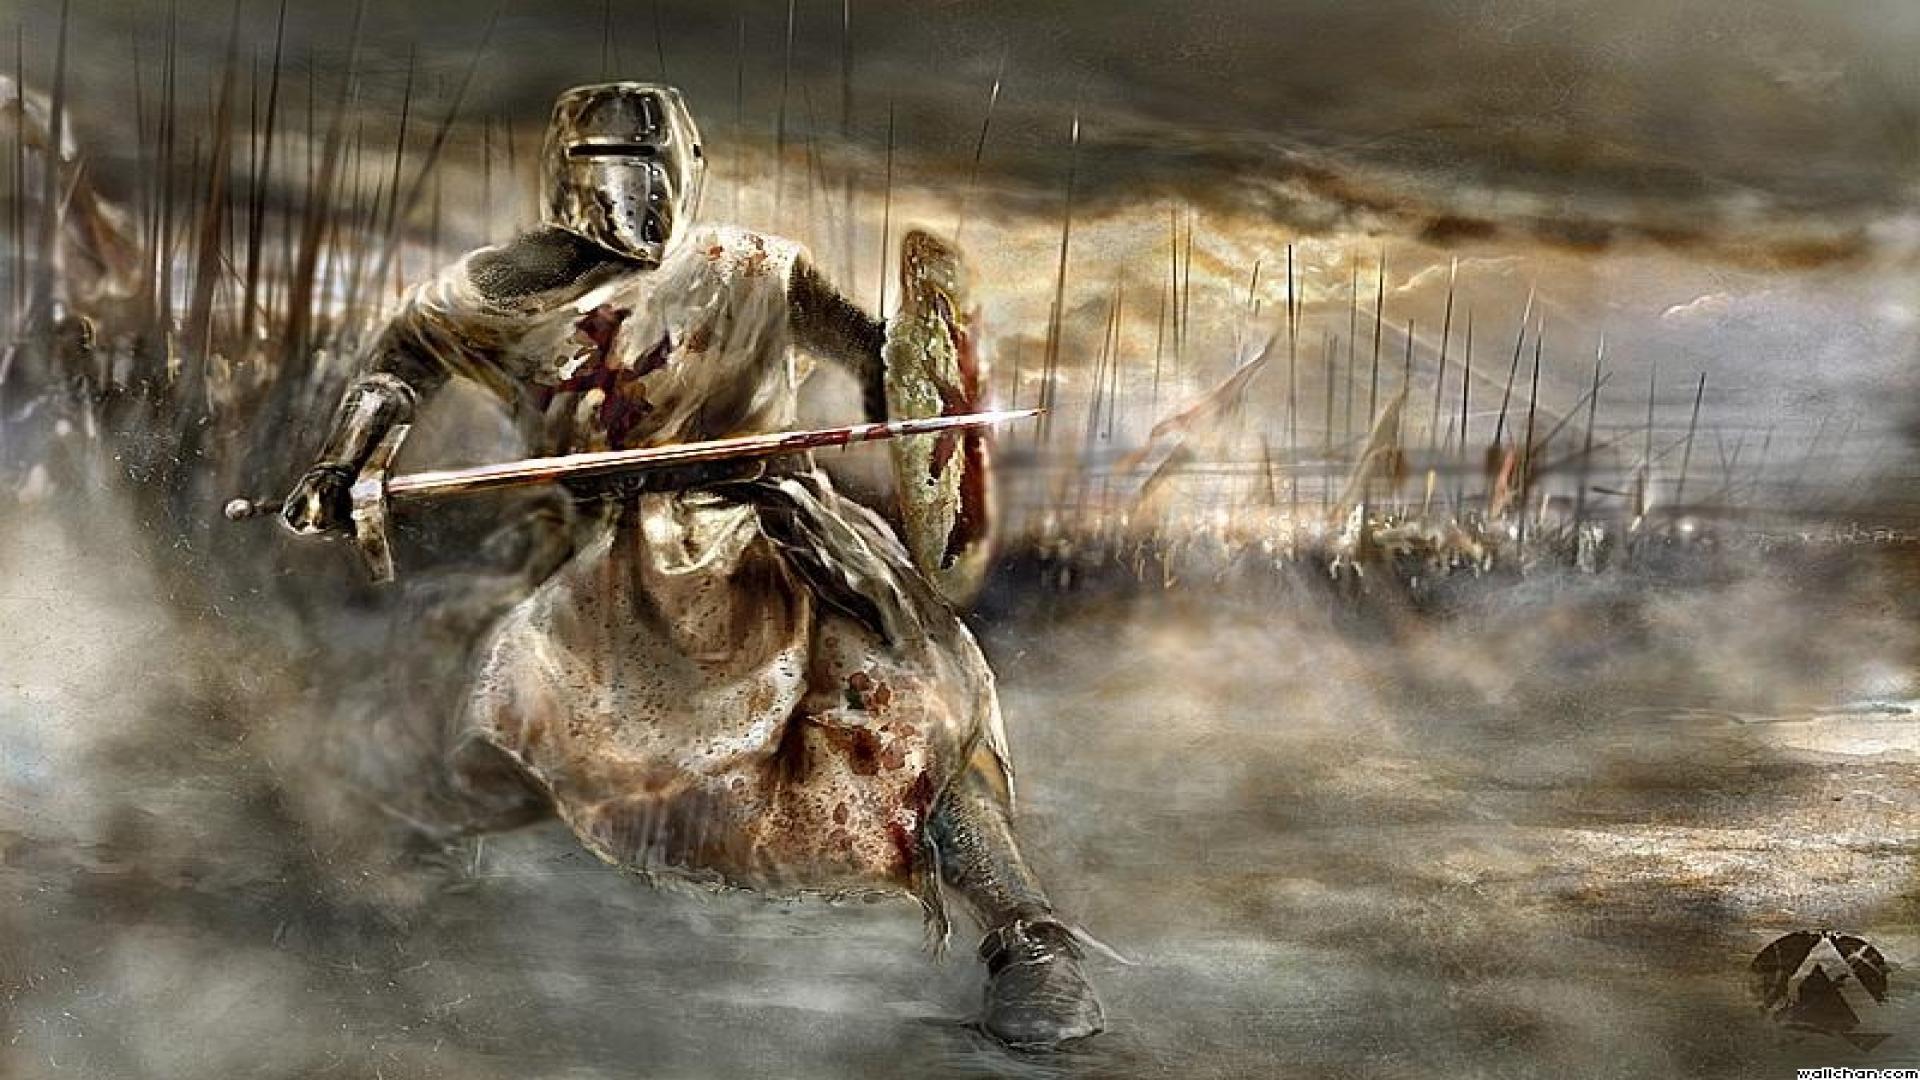 Knights in Battle Wallpaper Knight Battle e Wallpaper